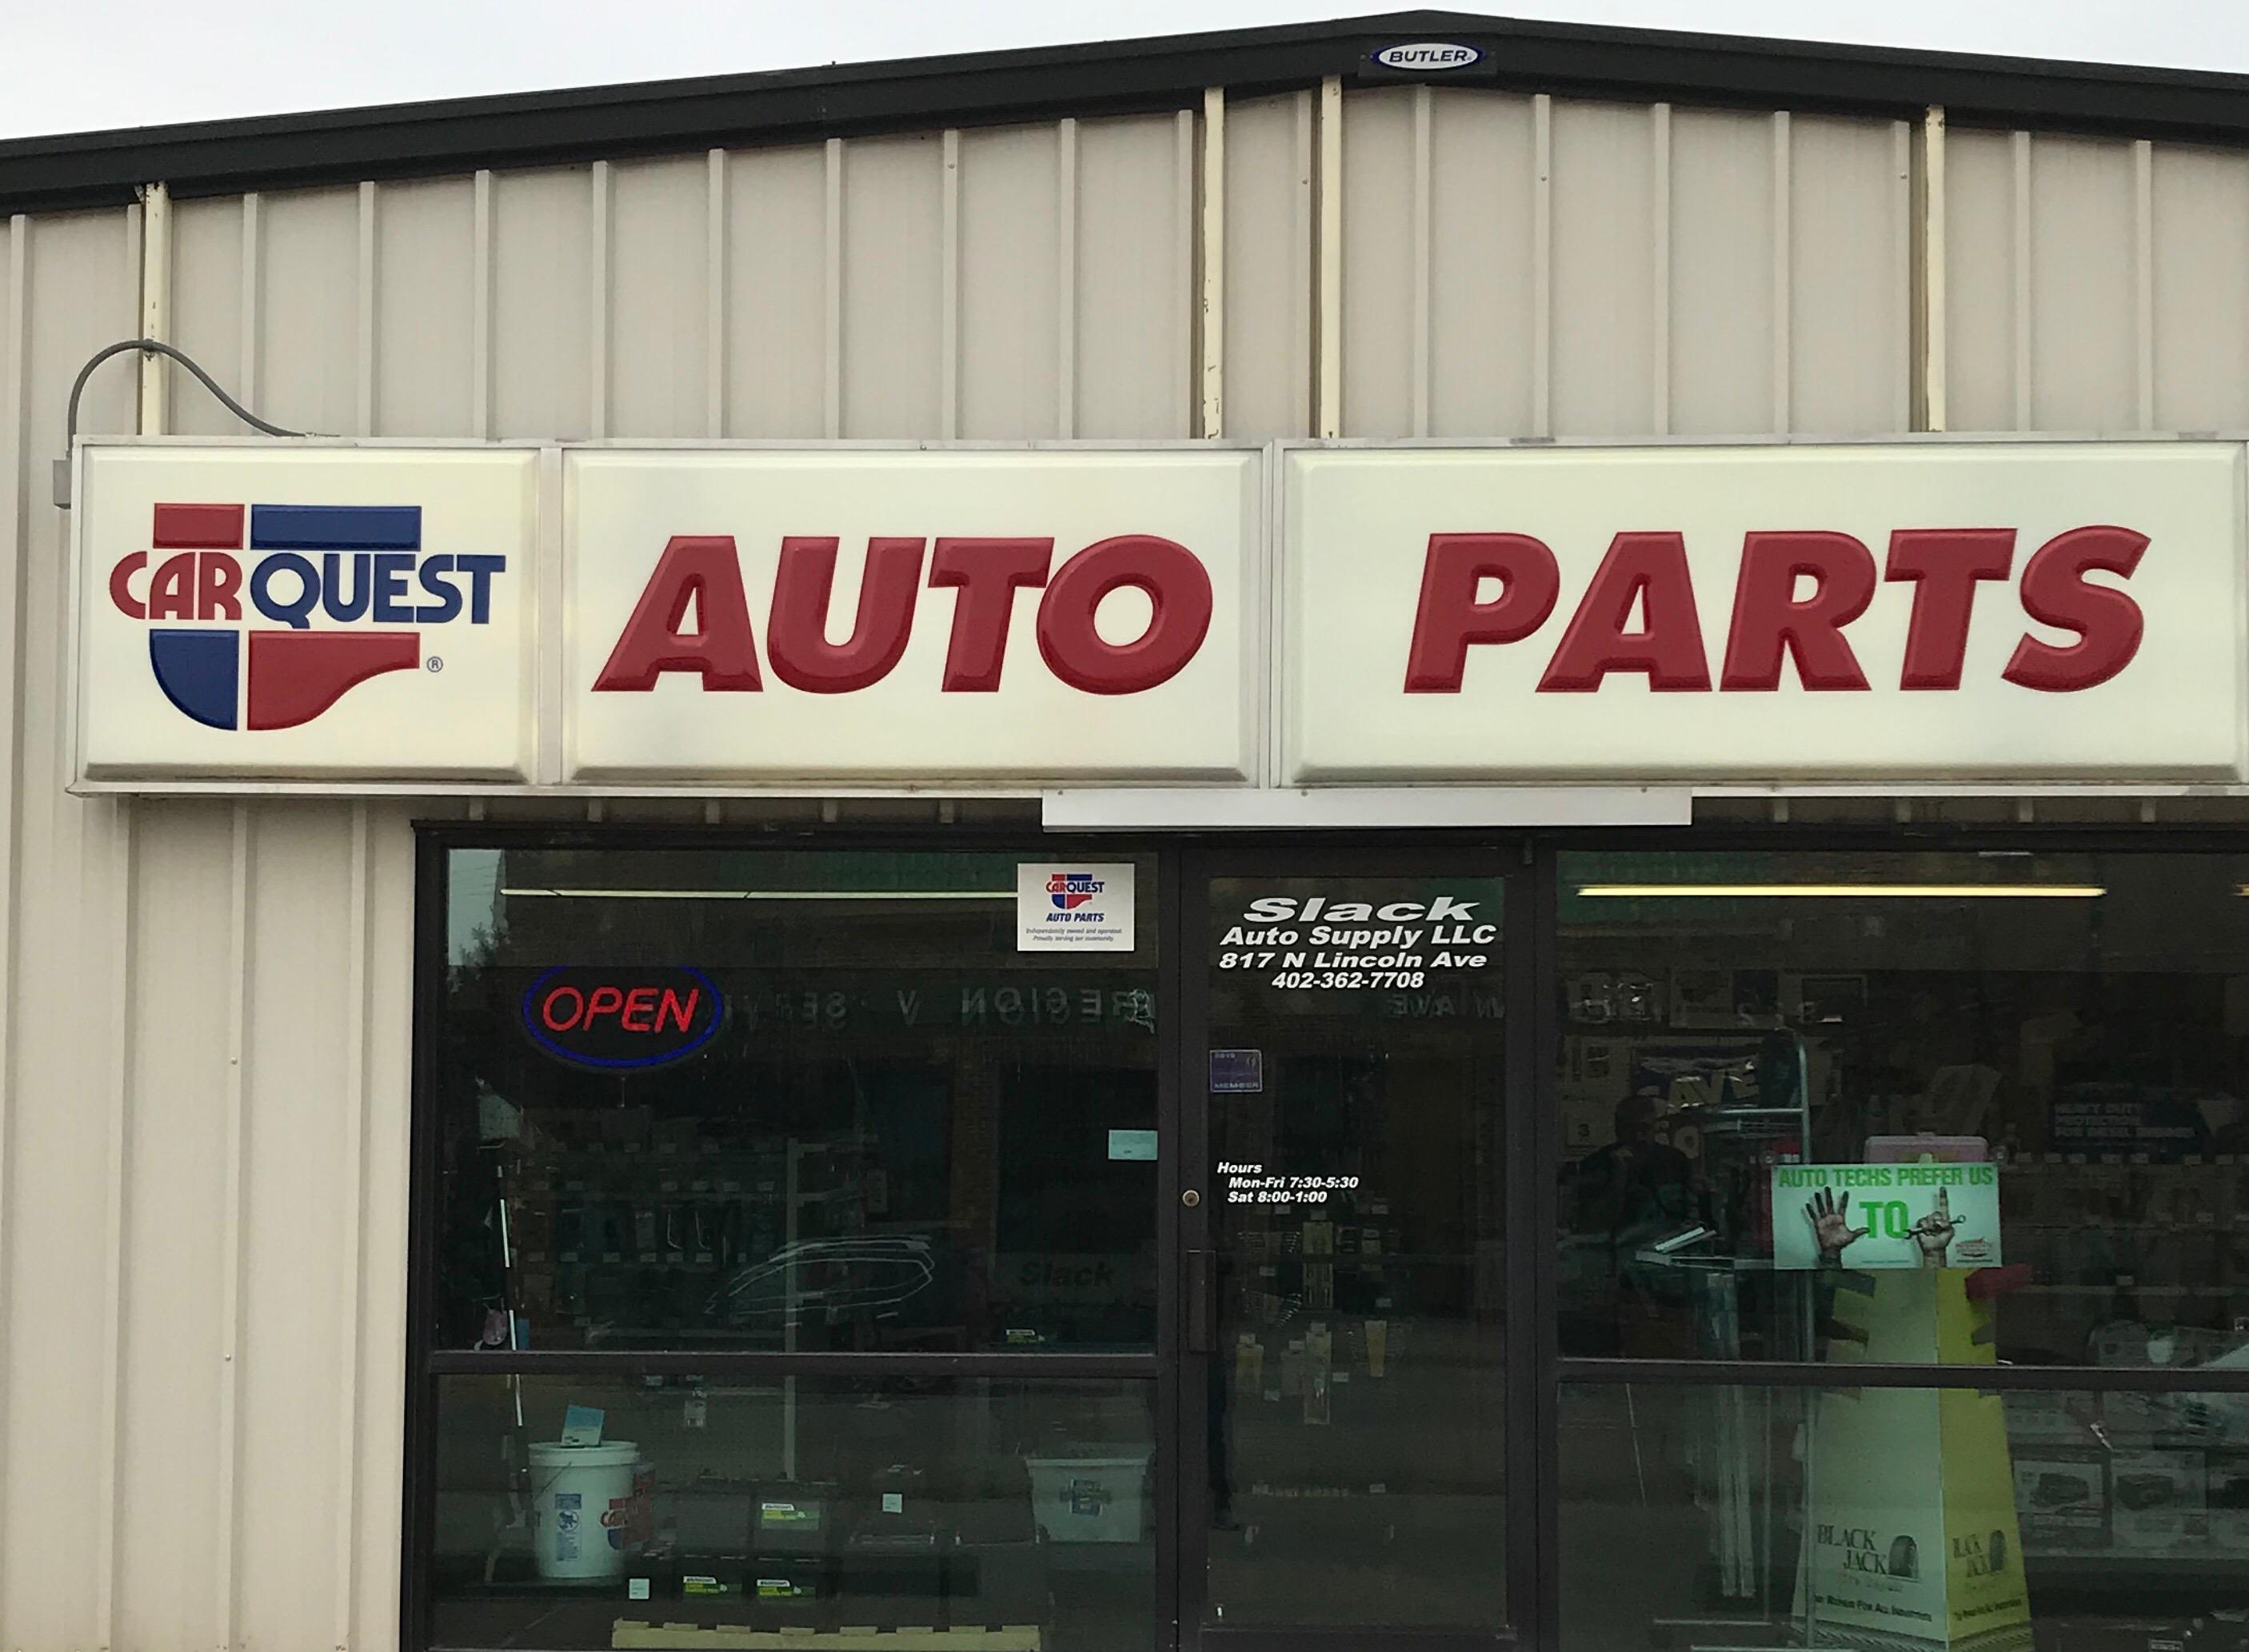 Carquest Auto Parts Slack Auto Supply 817 North Lincoln Ave York